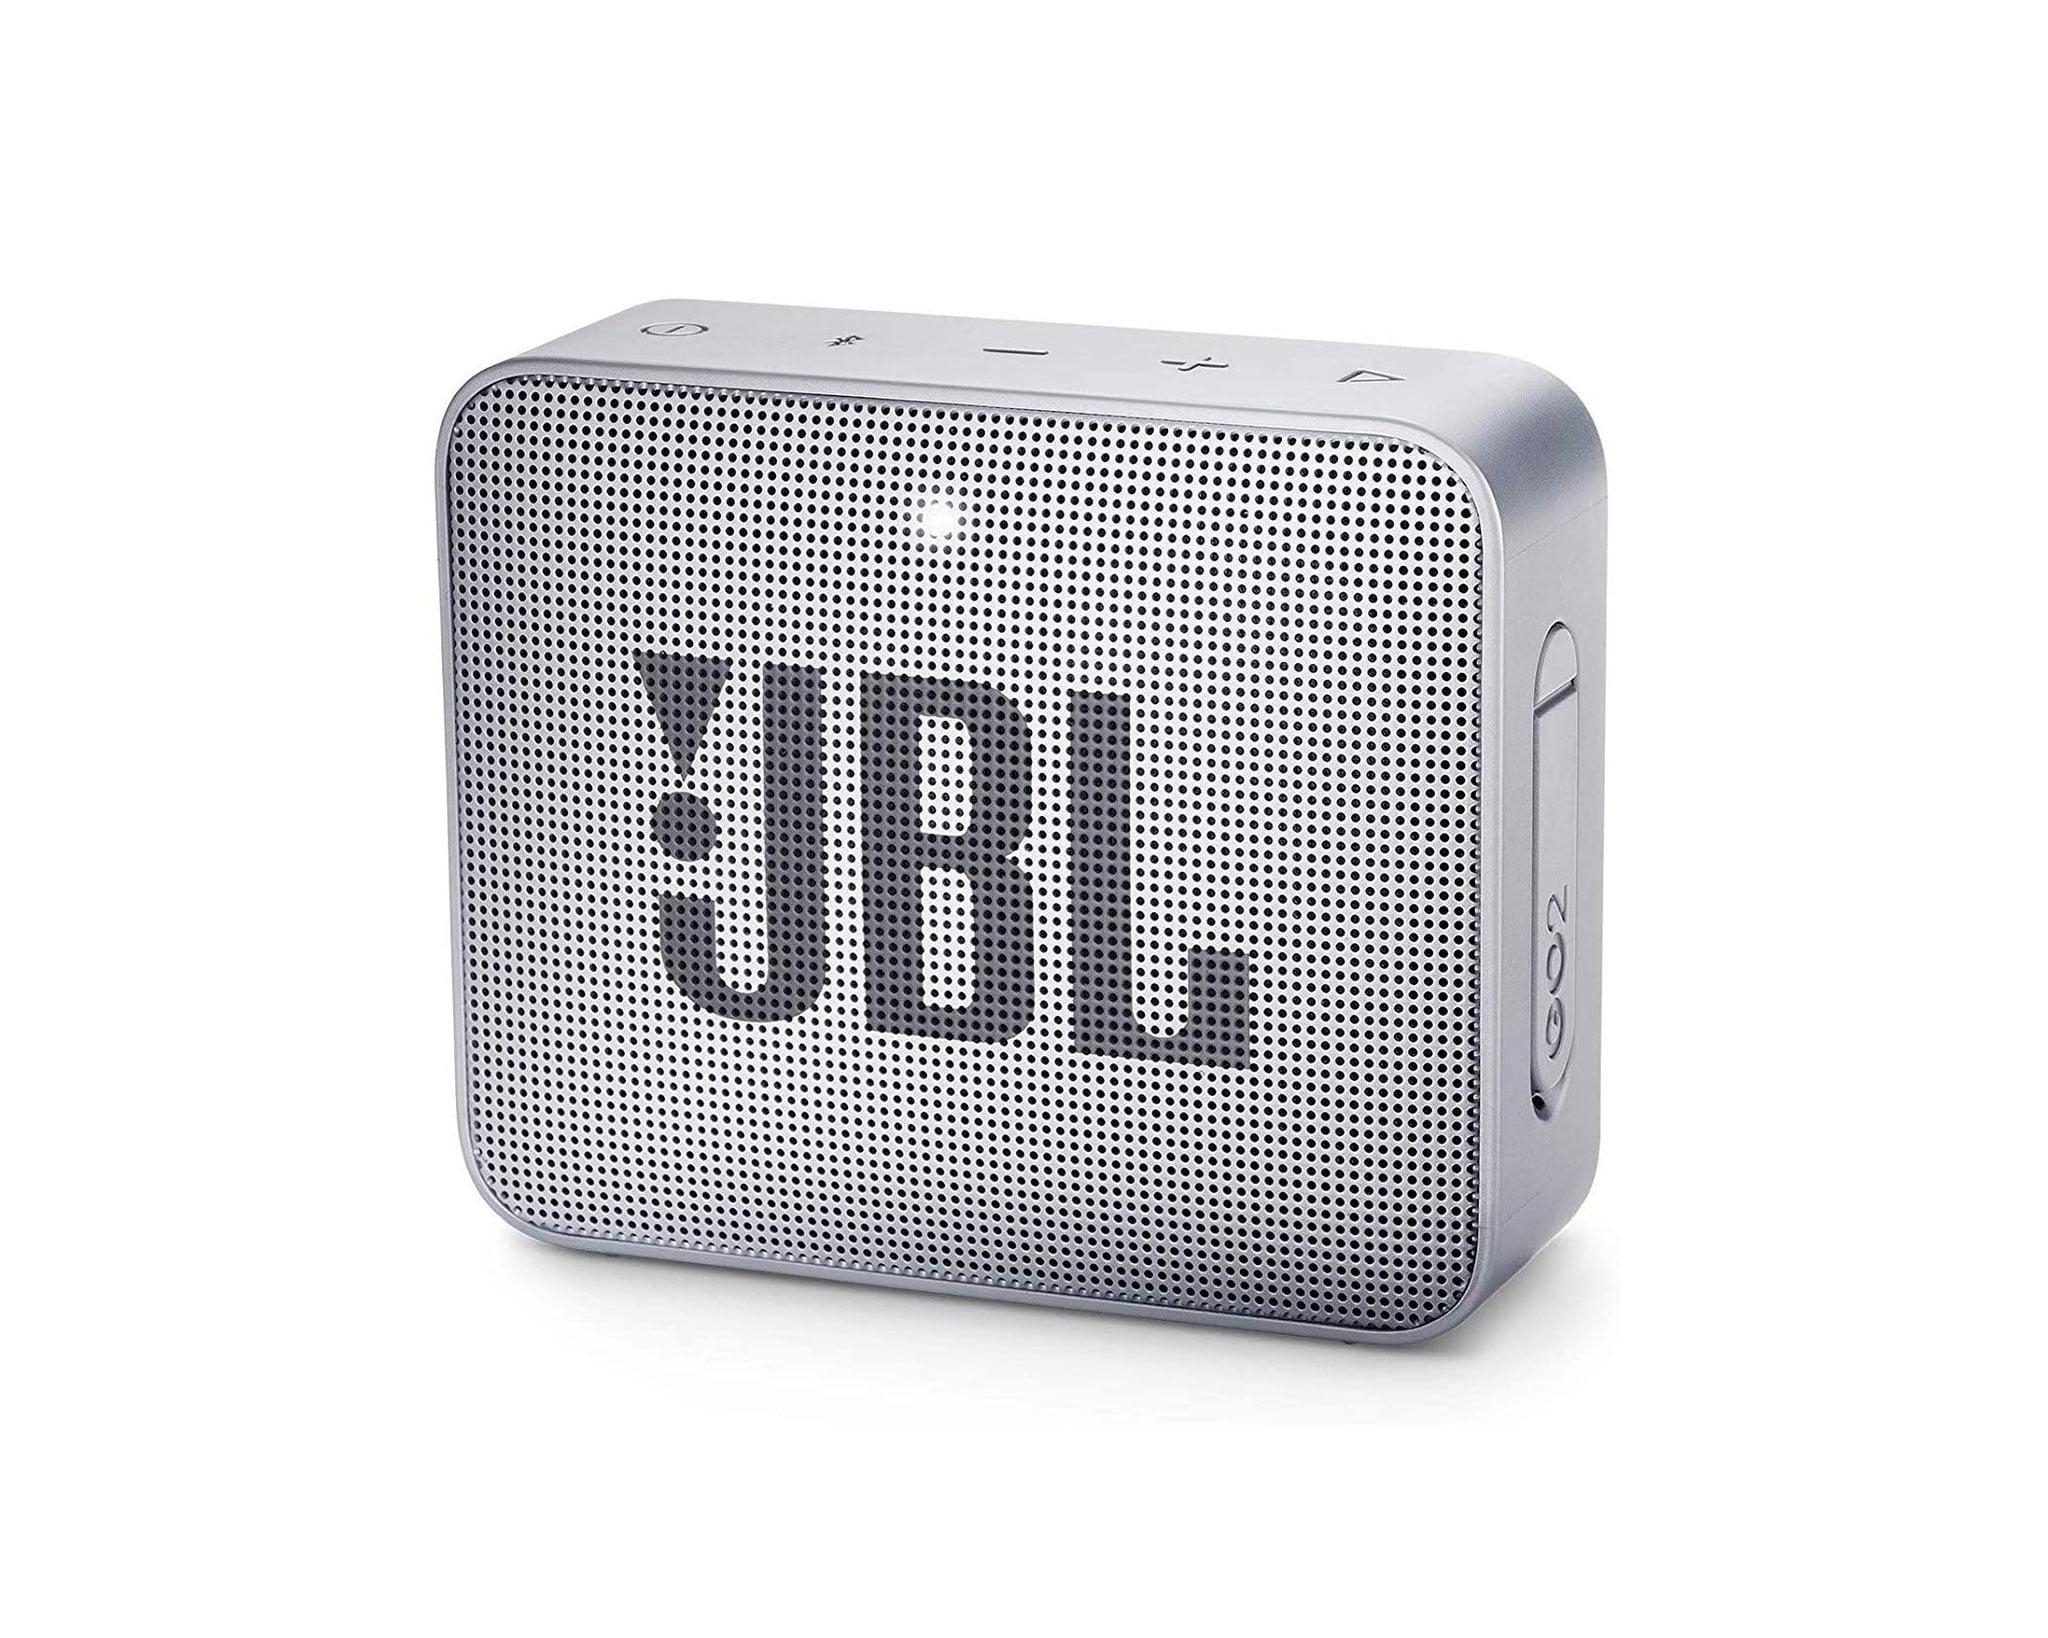 Altavoz portátil JBL – Electrodomésticos Pineda